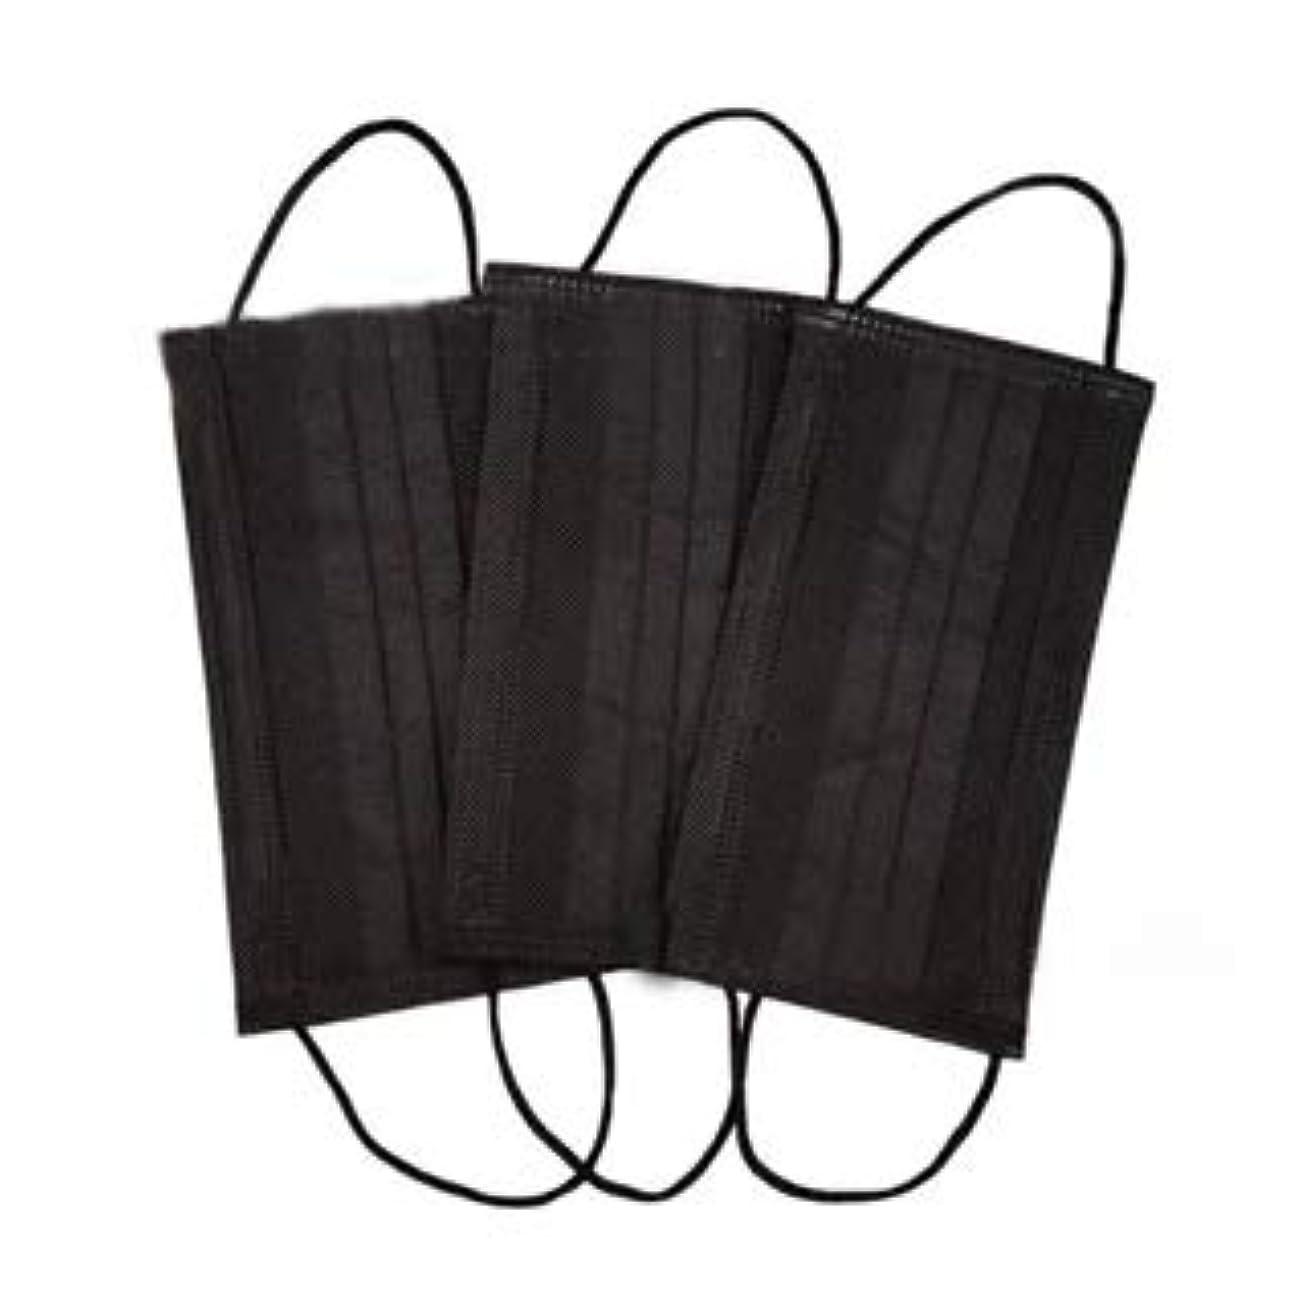 させる死驚き使い捨てマスク ブラック 6枚入り 不織布 フェイスマスク mask 黒